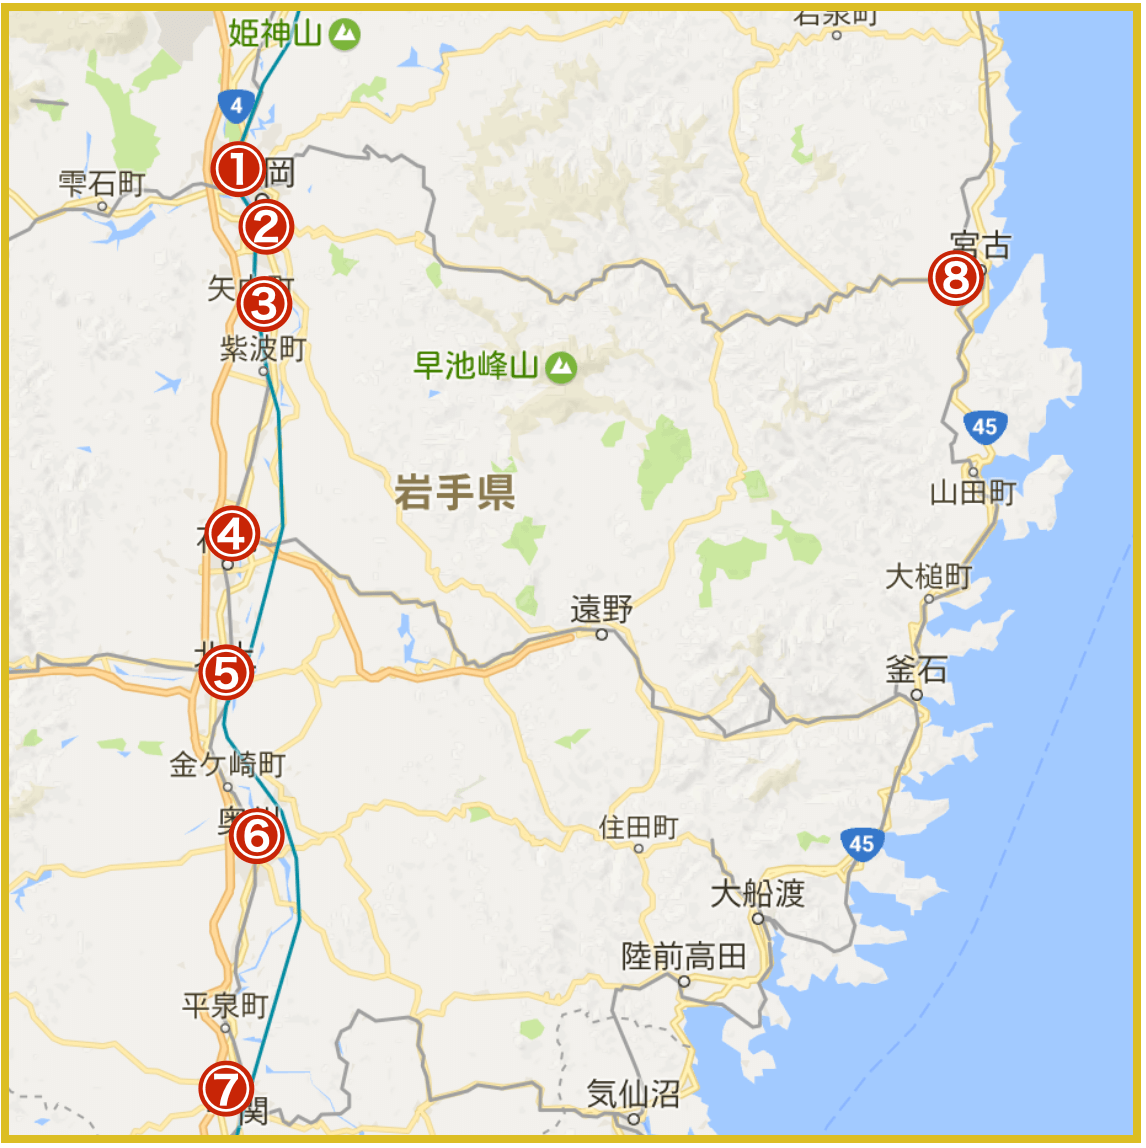 岩手県にあるプロミス店舗・ATMの位置(2020年版)